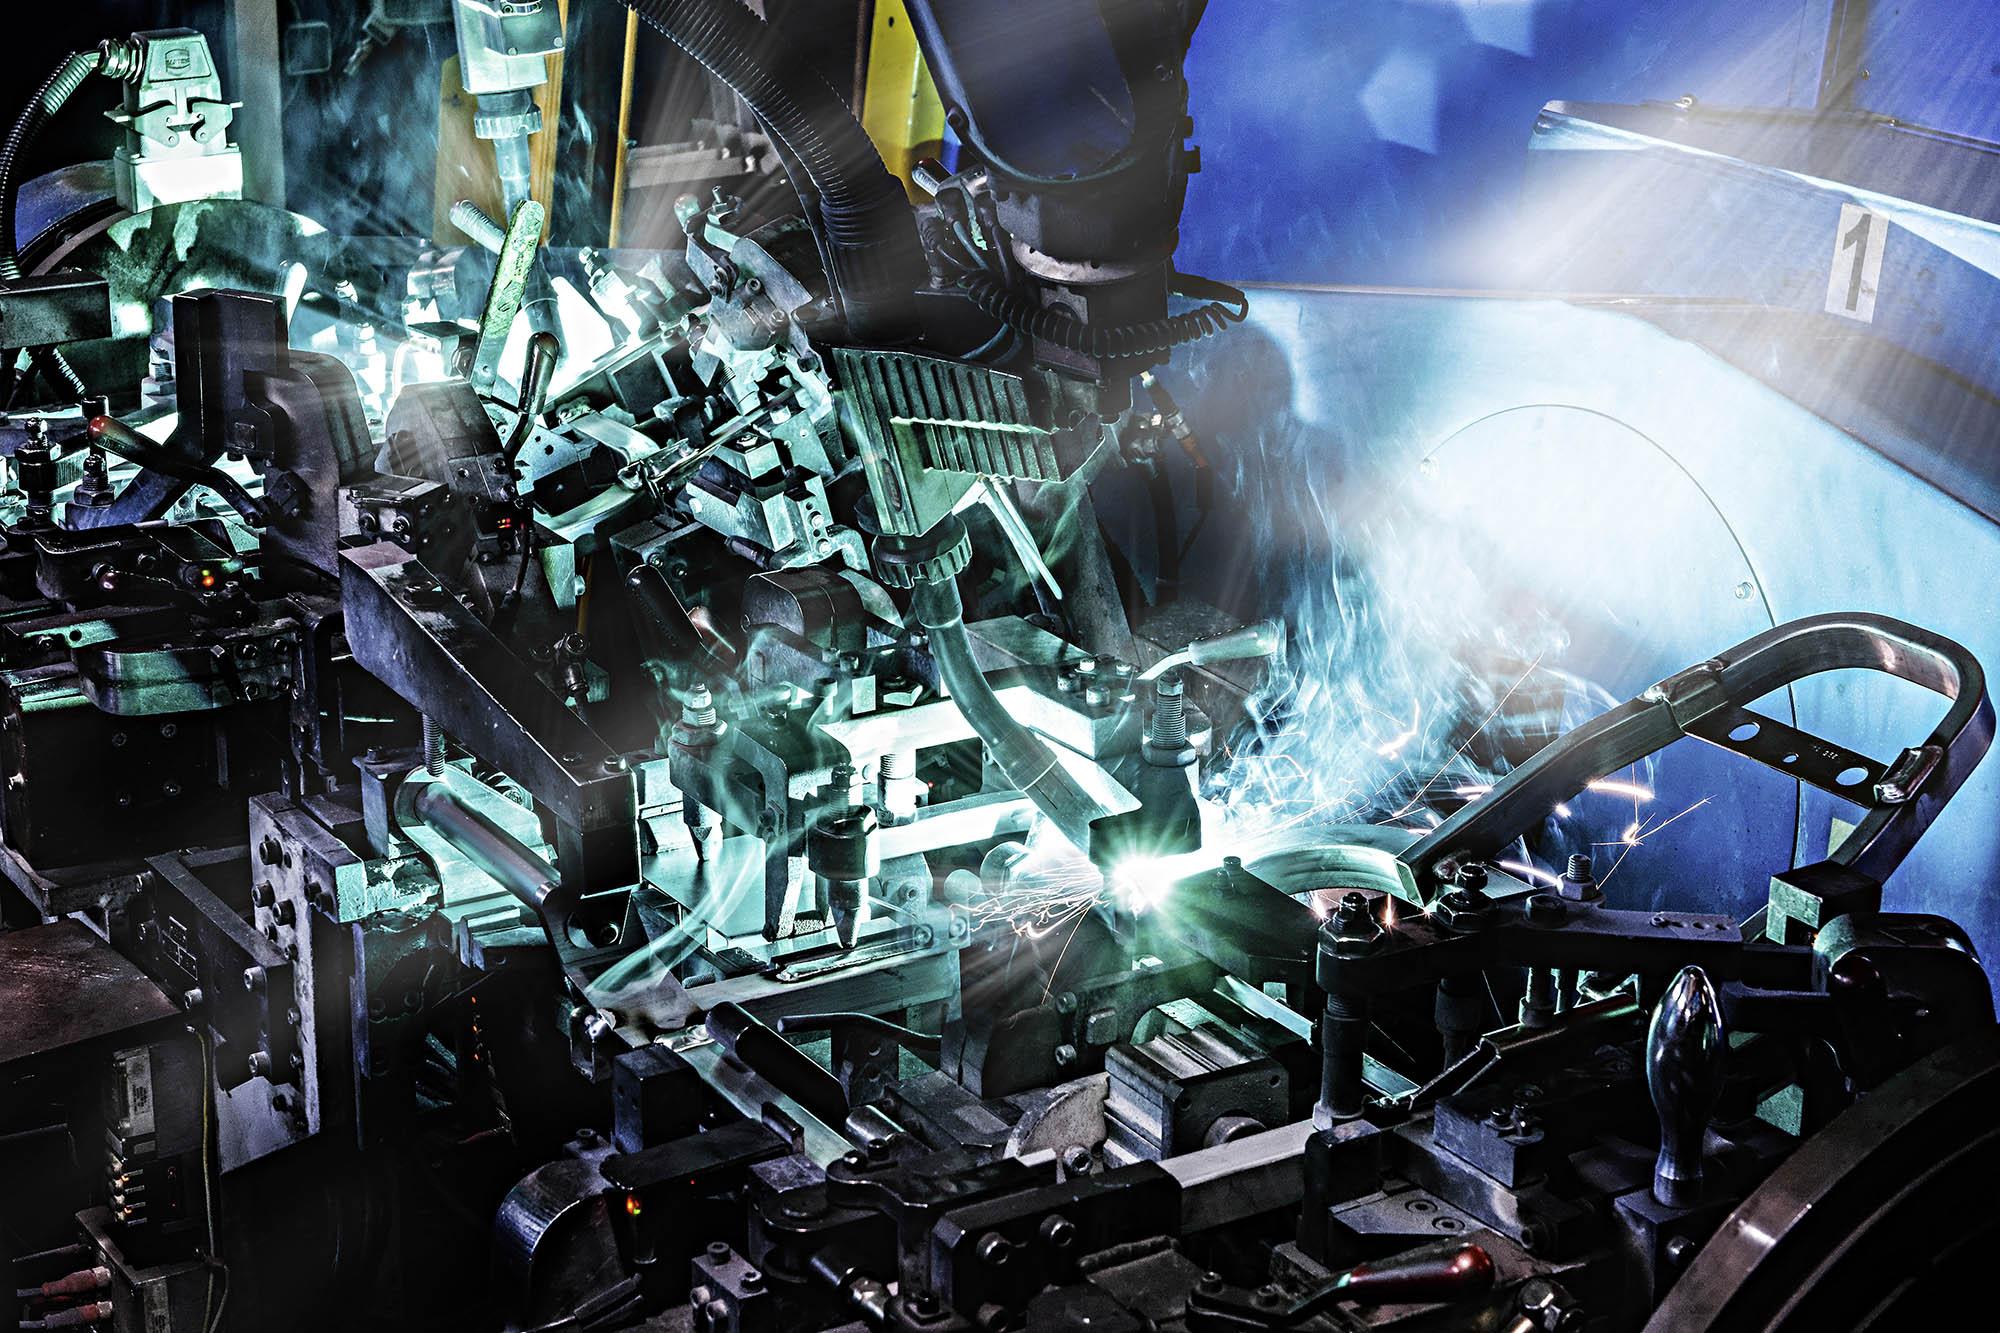 Industriefotografie_Wolfram Schroll_industriefotograf_alum_01